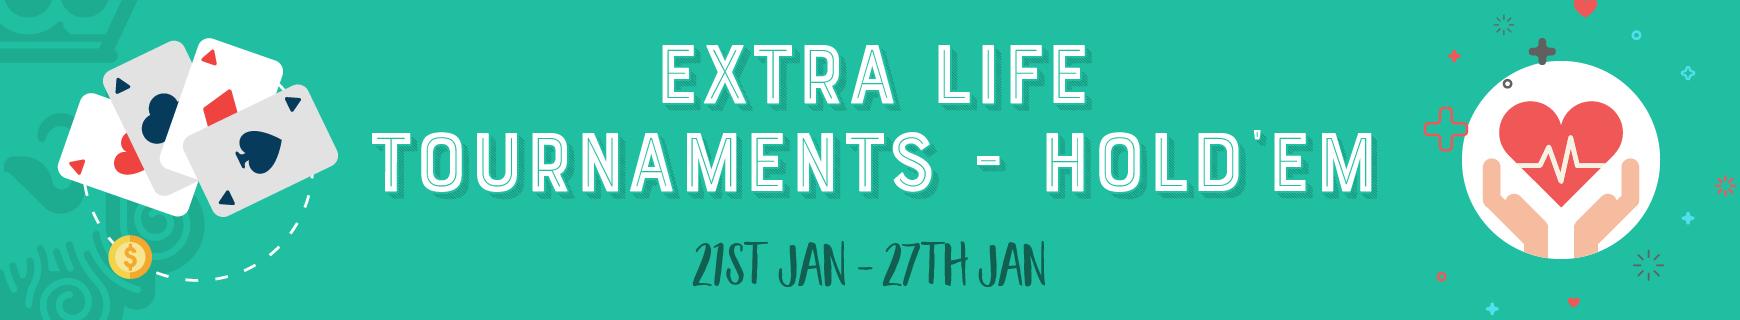 Extra life tournaments   hold%e2%80%99em %28870 x 160%29 2x %281%29